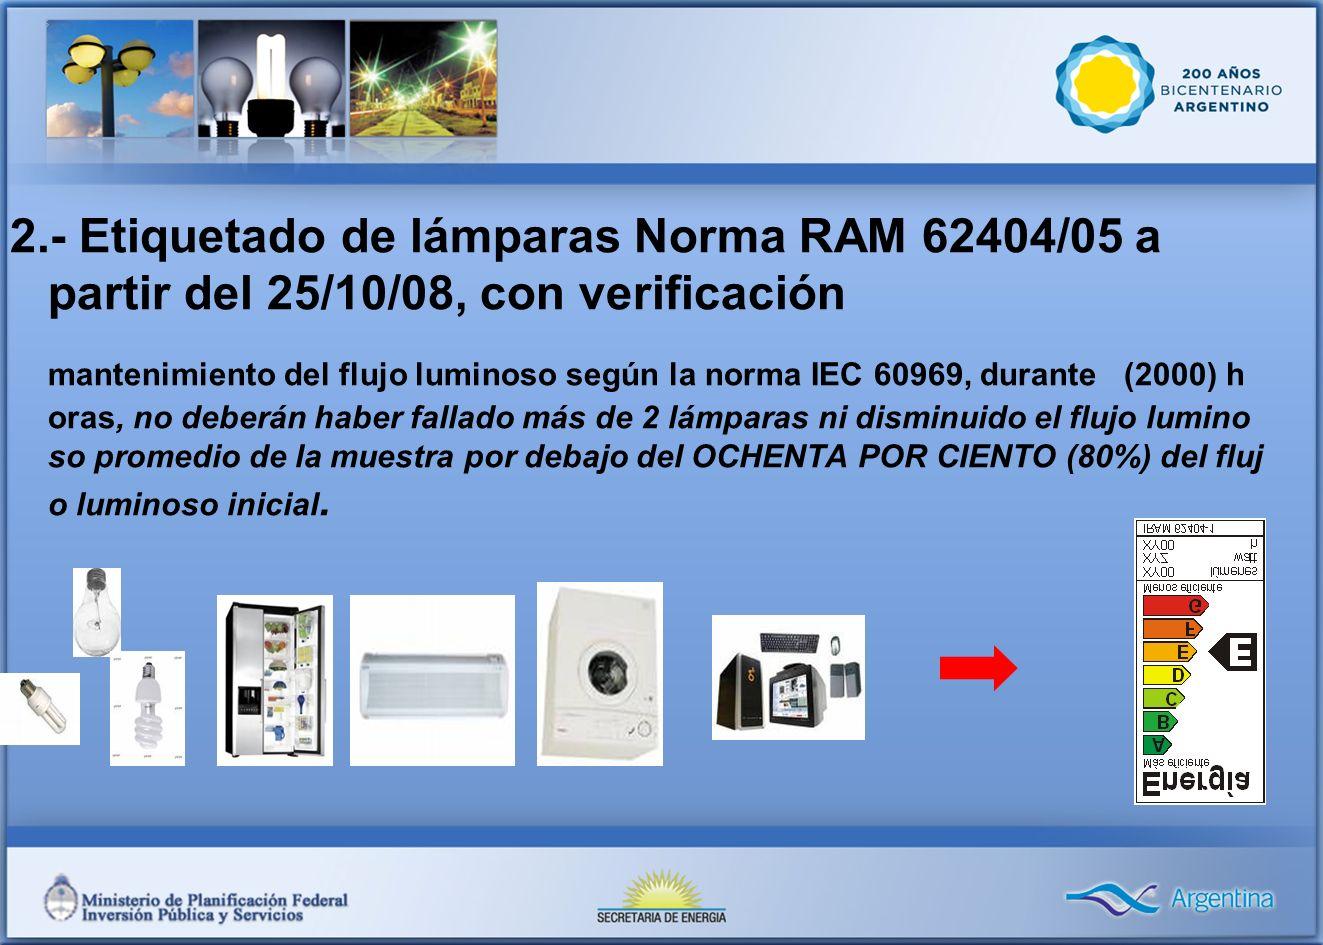 2.- Etiquetado de lámparas Norma RAM 62404/05 a partir del 25/10/08, con verificación mantenimiento del flujo luminoso según la norma IEC 60969, durante (2000) h oras, no deberán haber fallado más de 2 lámparas ni disminuido el flujo lumino so promedio de la muestra por debajo del OCHENTA POR CIENTO (80%) del fluj o luminoso inicial.